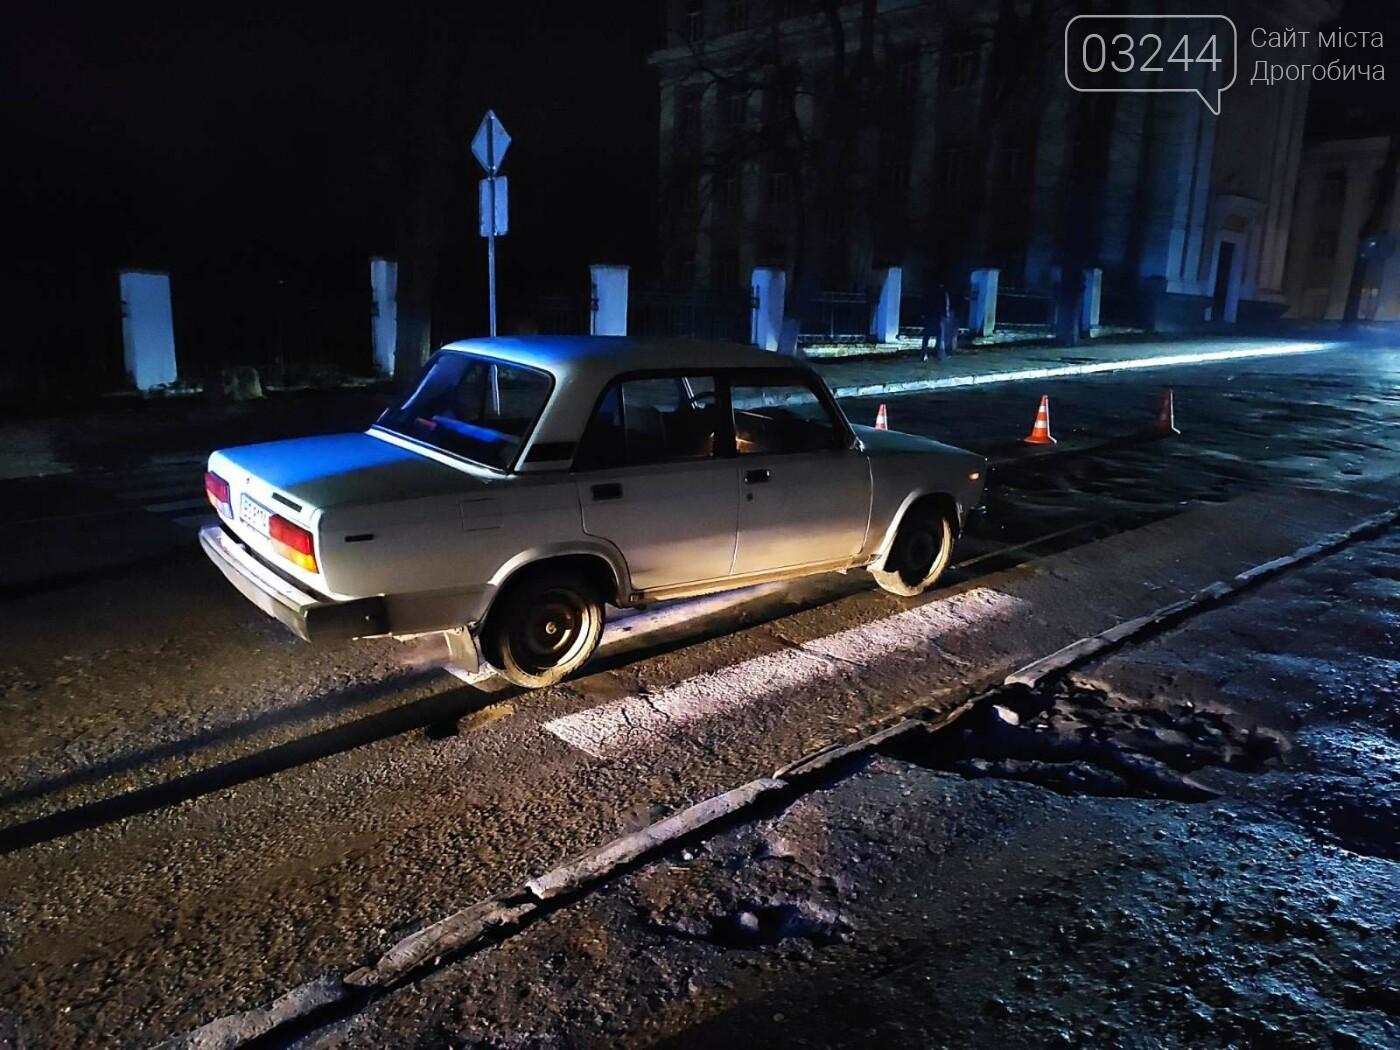 У Дрогобичі на пішохідному переході збили жінку. Потерпіла у лікарні, - ФОТО, фото-4